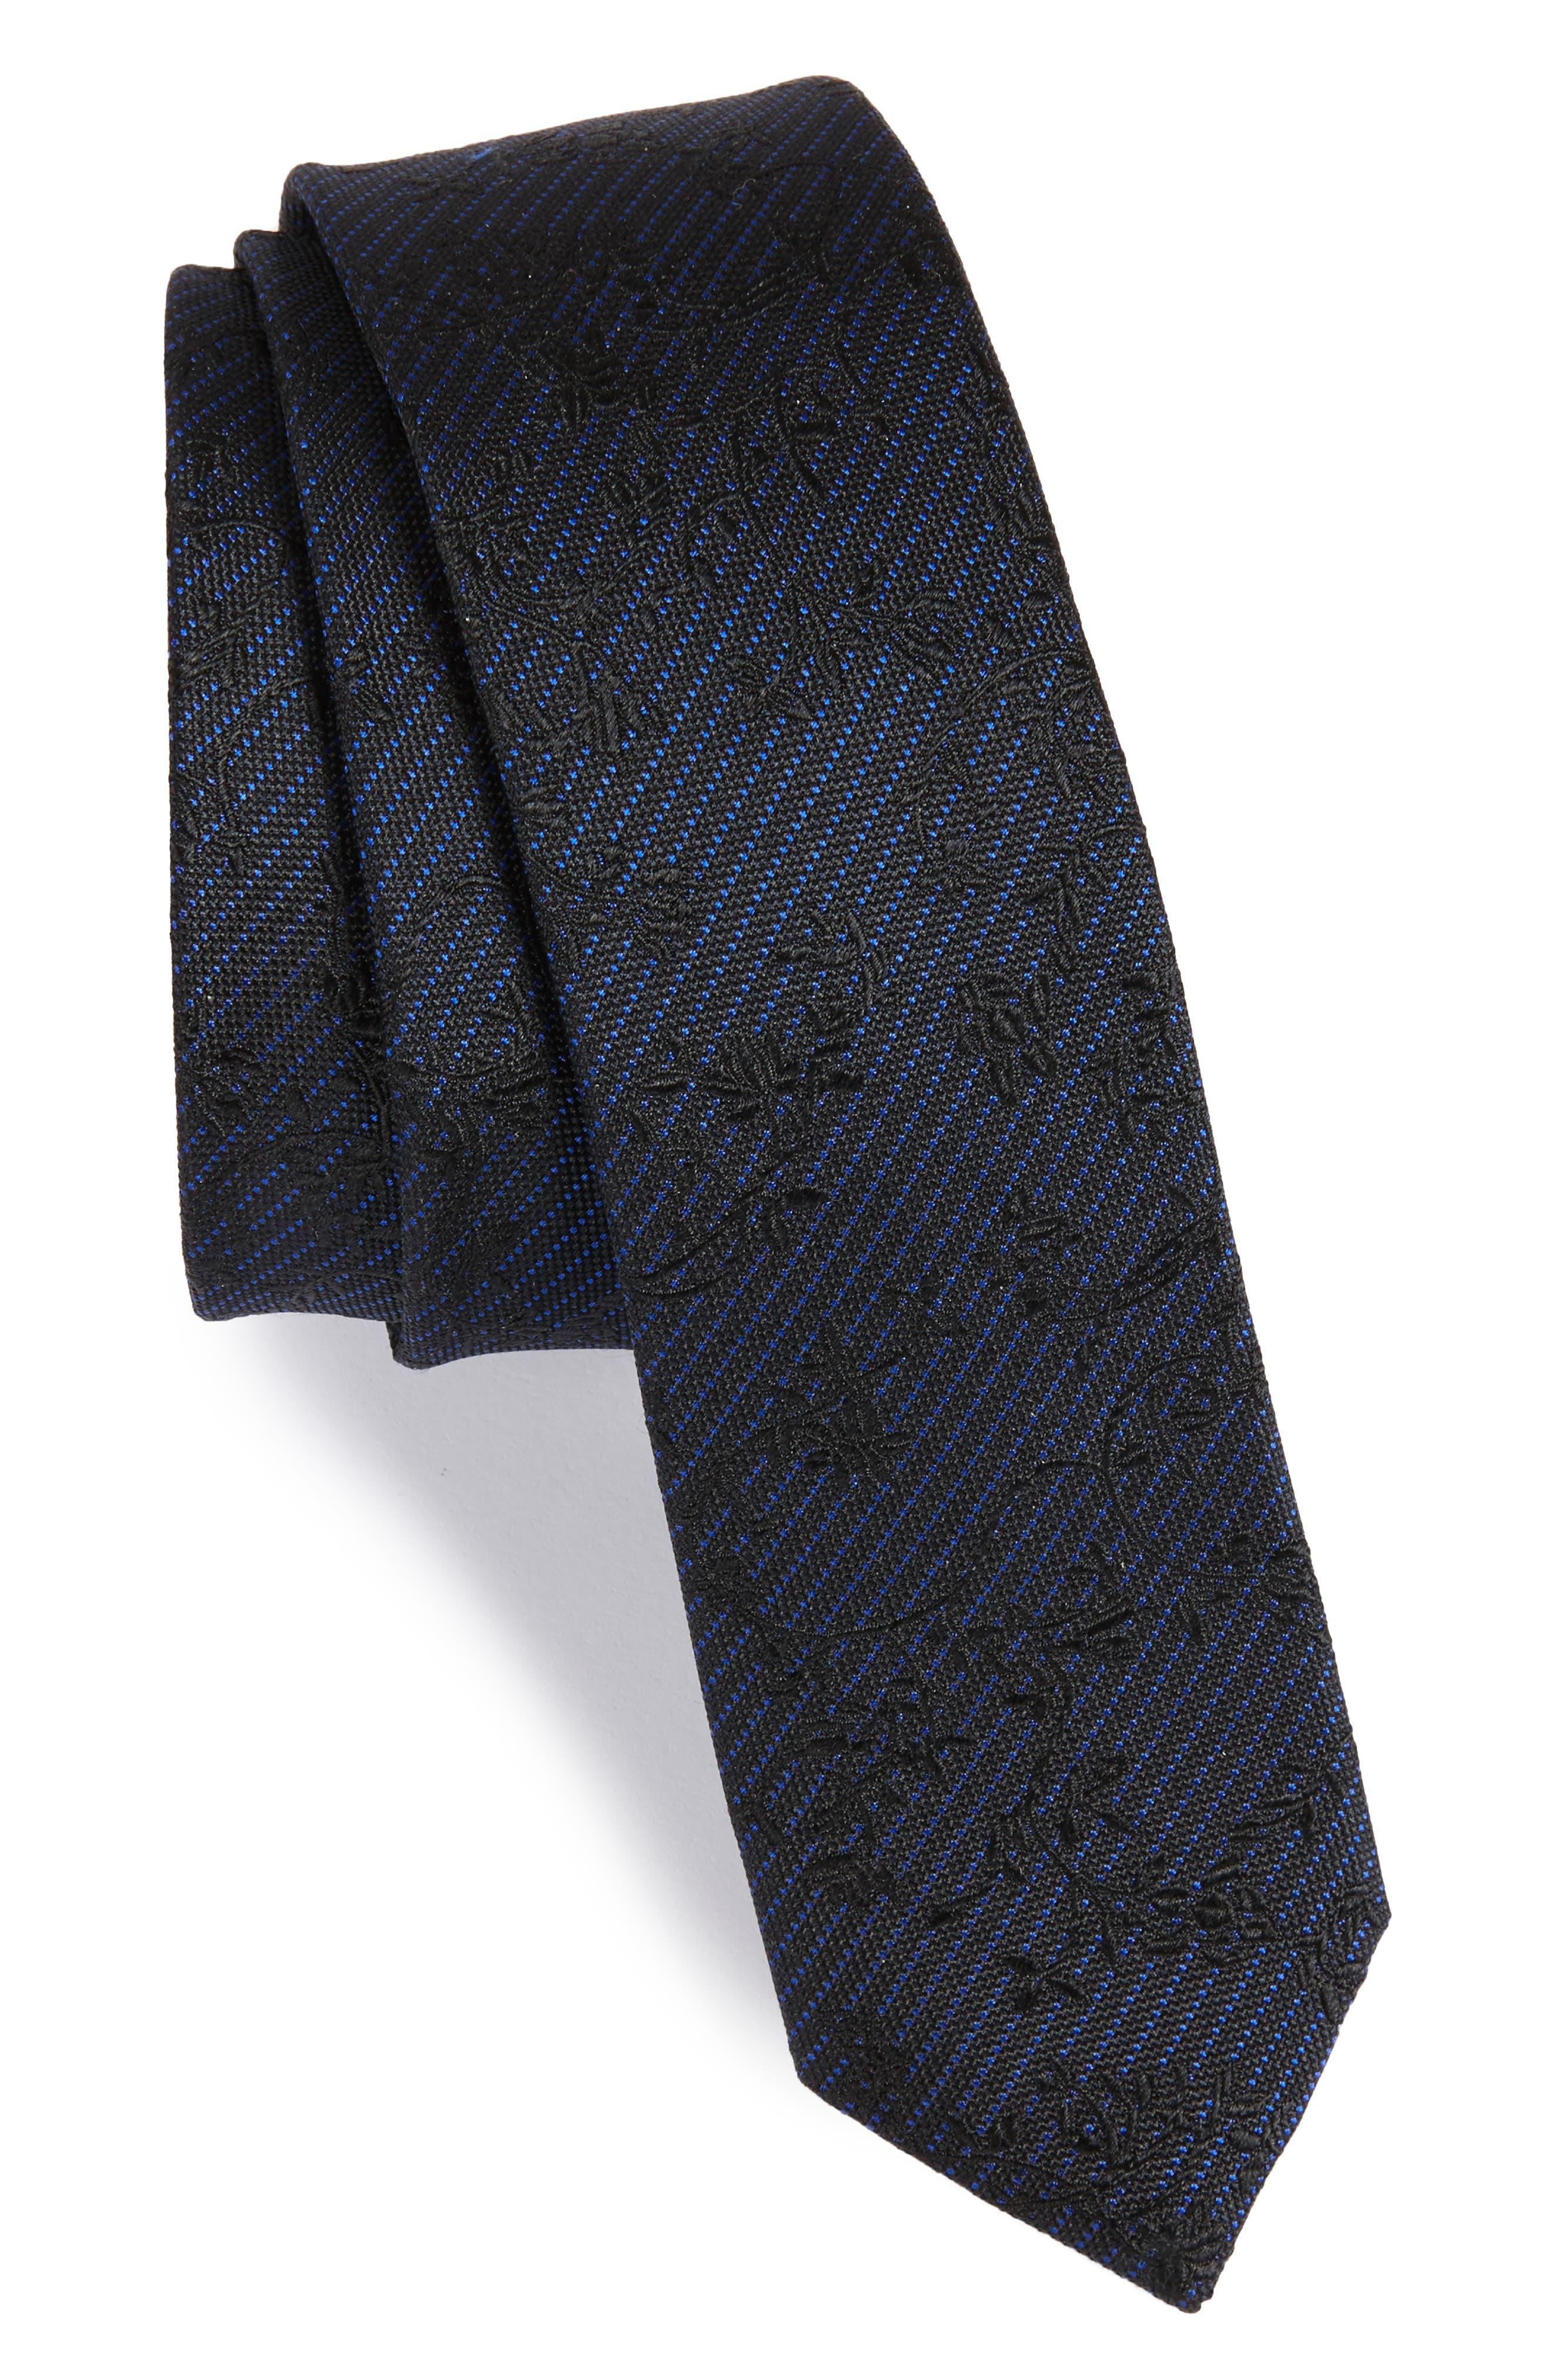 Alternate Image 1 Selected - The Kooples Floral Silk Skinny Tie